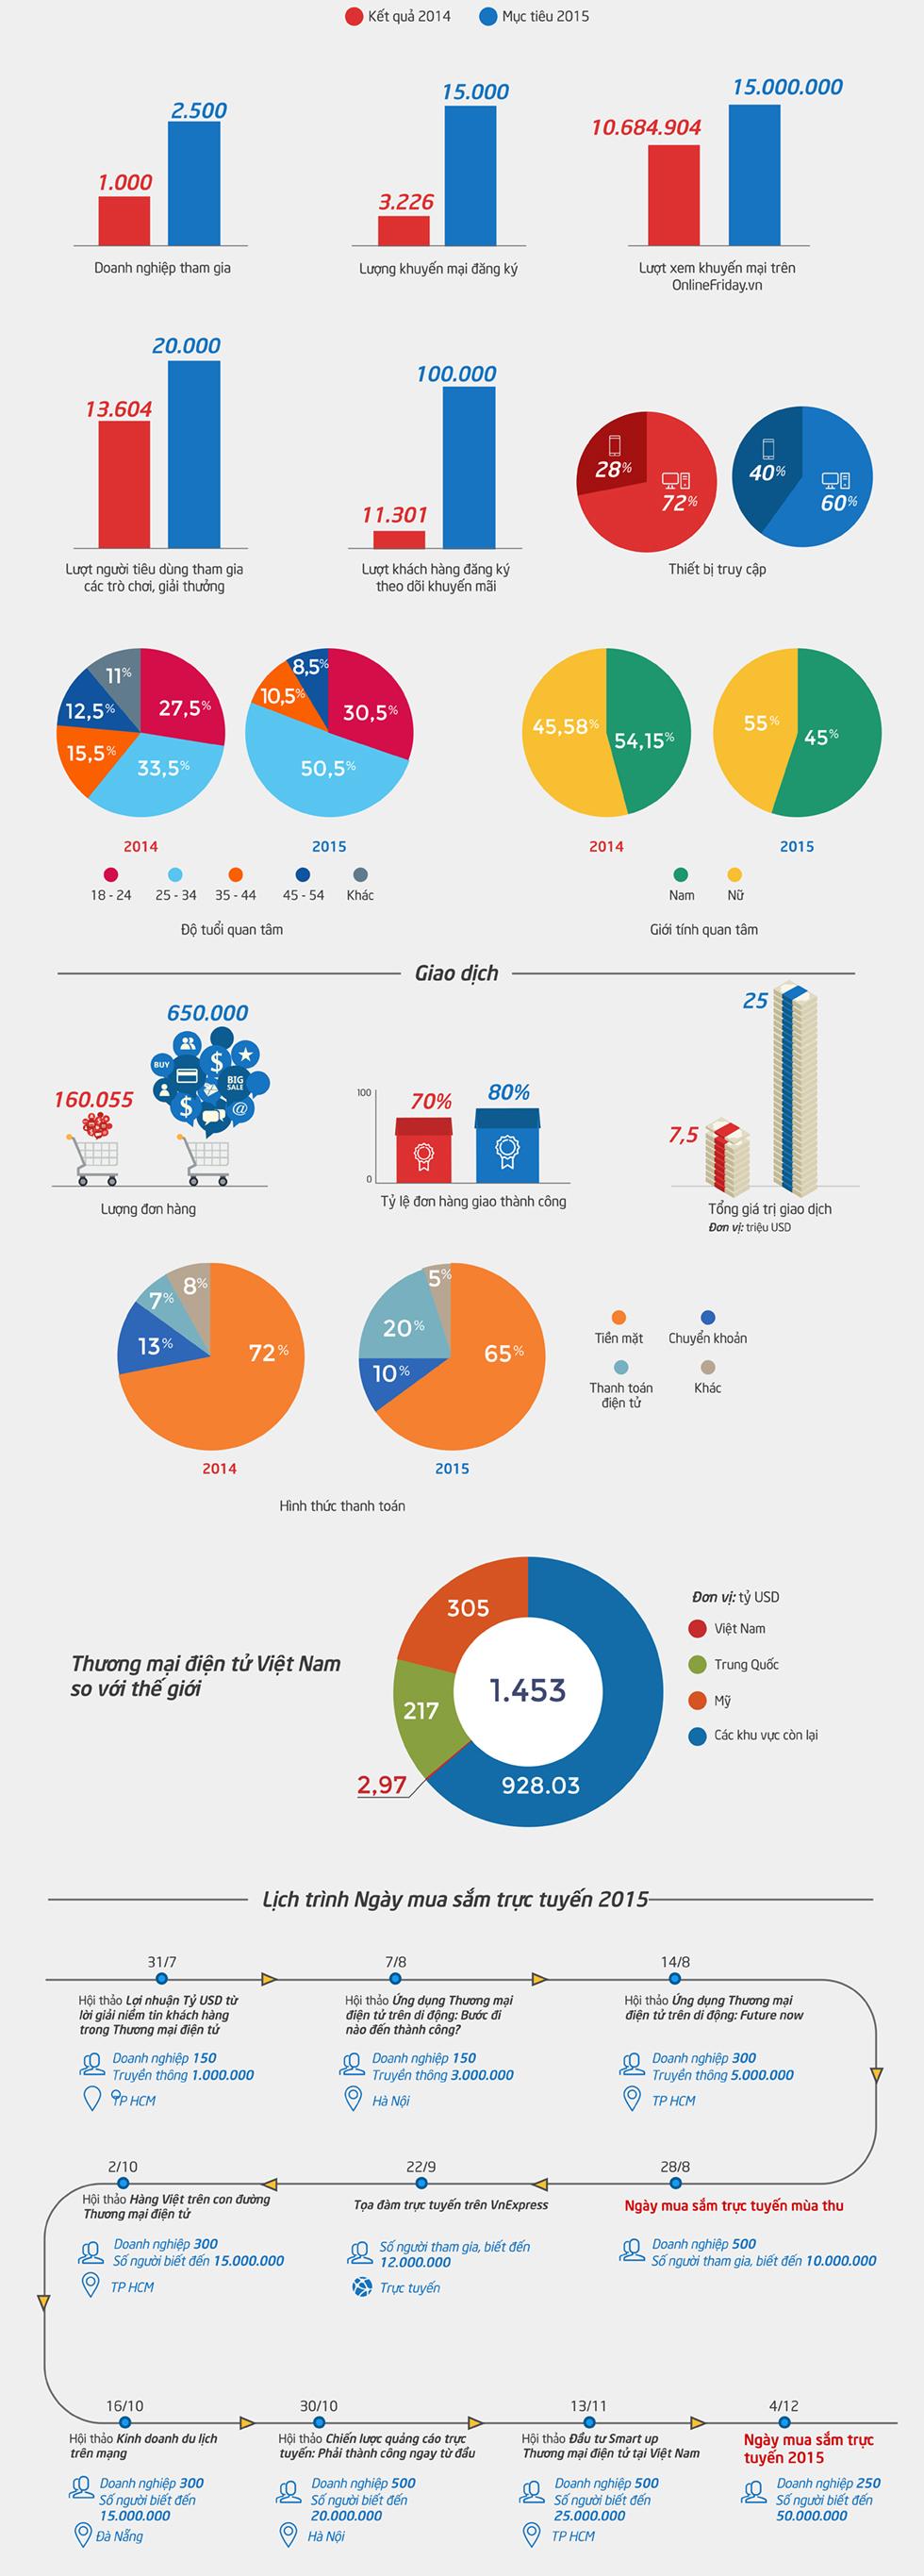 Thống kê ấn tượng về Ngày mua sắm trực tuyến 2014